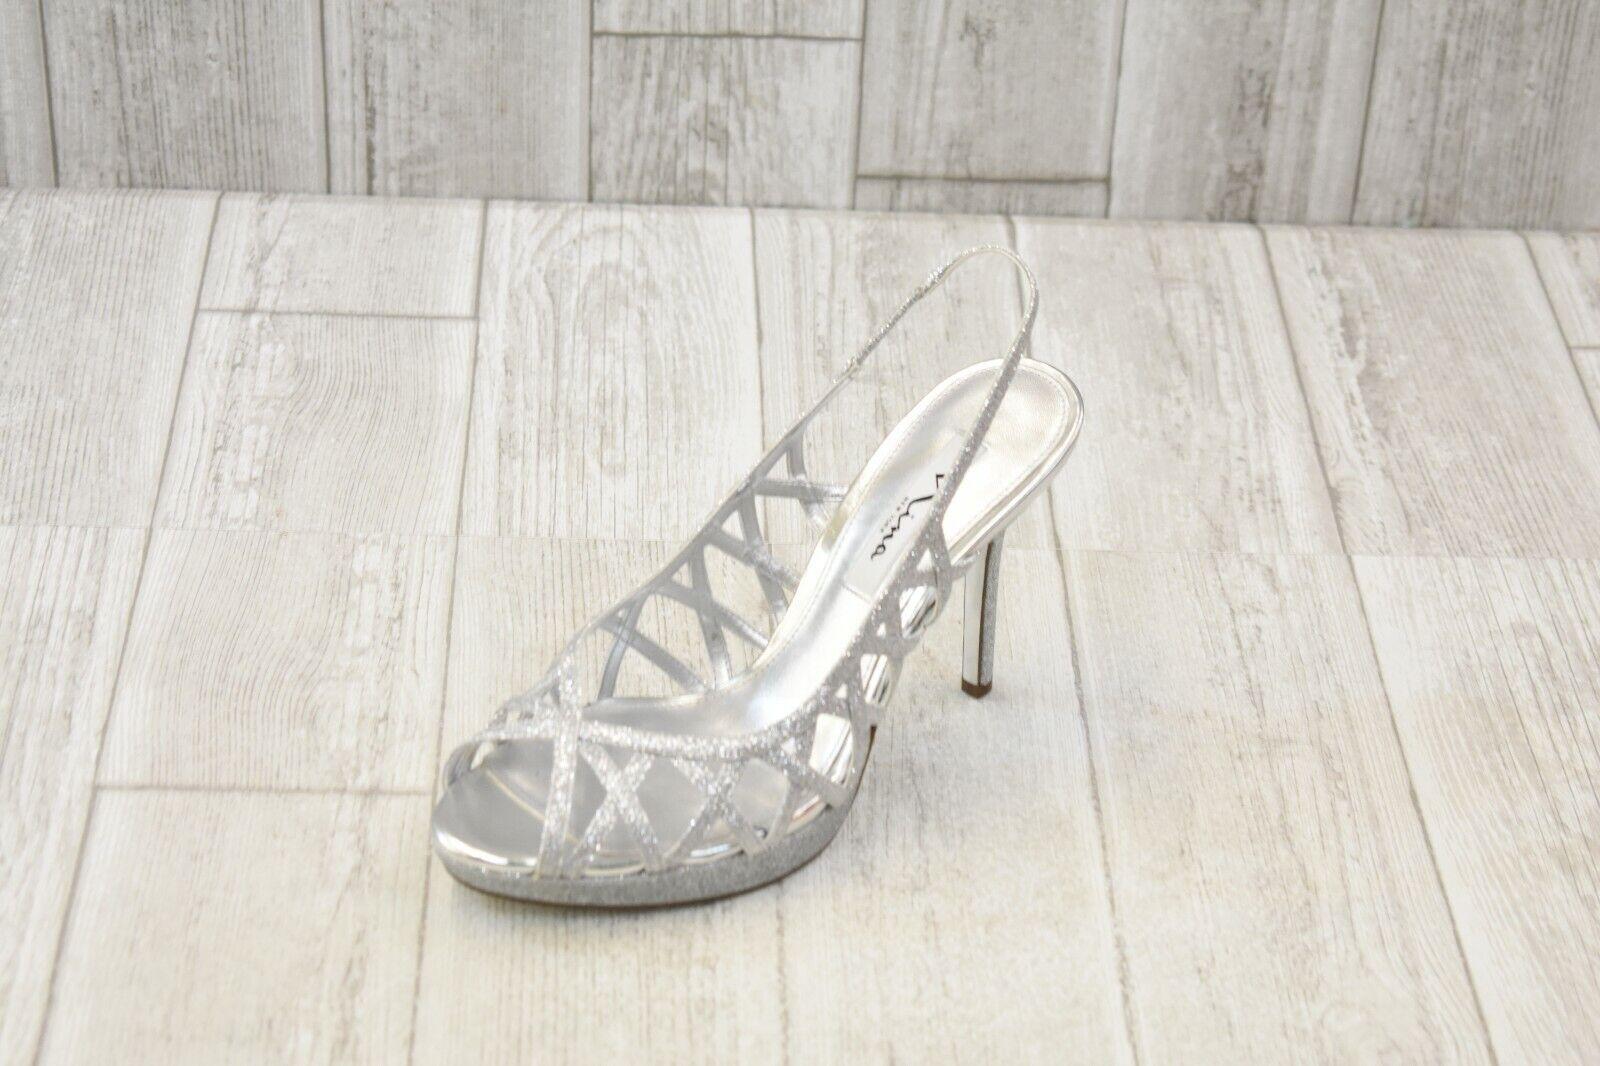 Nina Chaussures Fantina Escarpins-Femme Taille 9 m-argent NOUVEAU